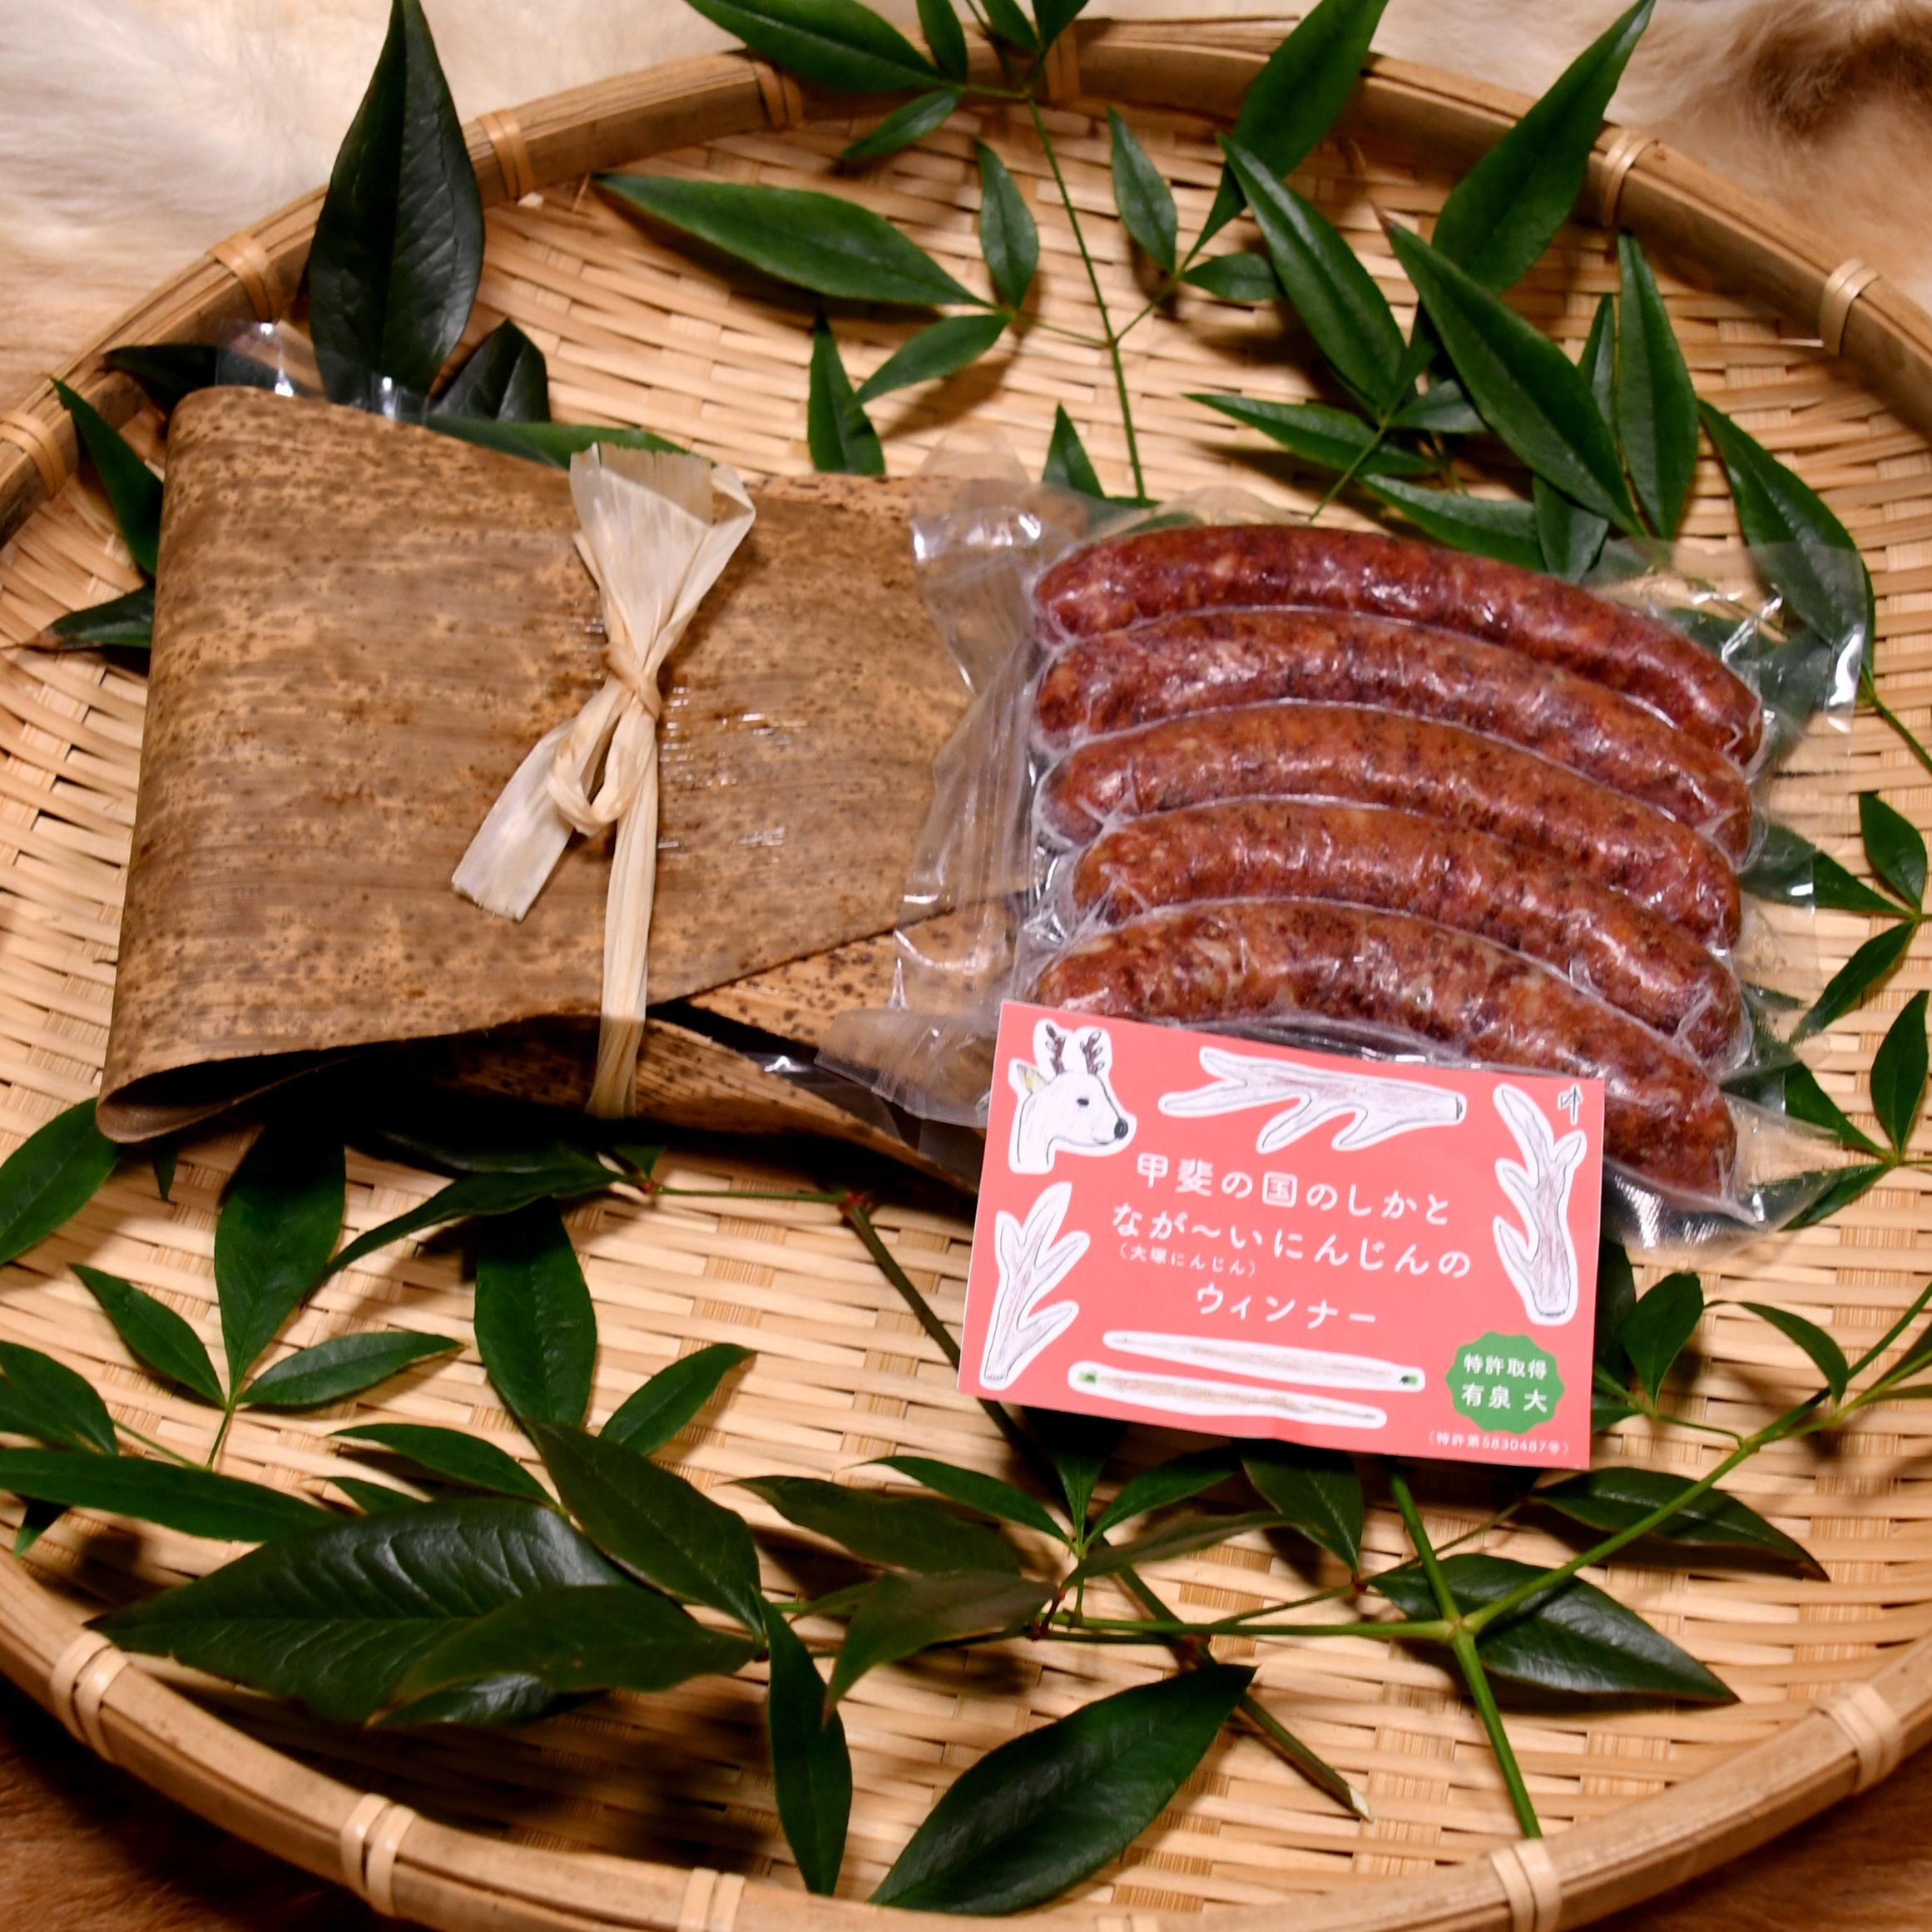 [5839-1539]【山梨ジビエ認証】甲斐の国のシカとトウモロコシのウインナー(5本入り×2パック)